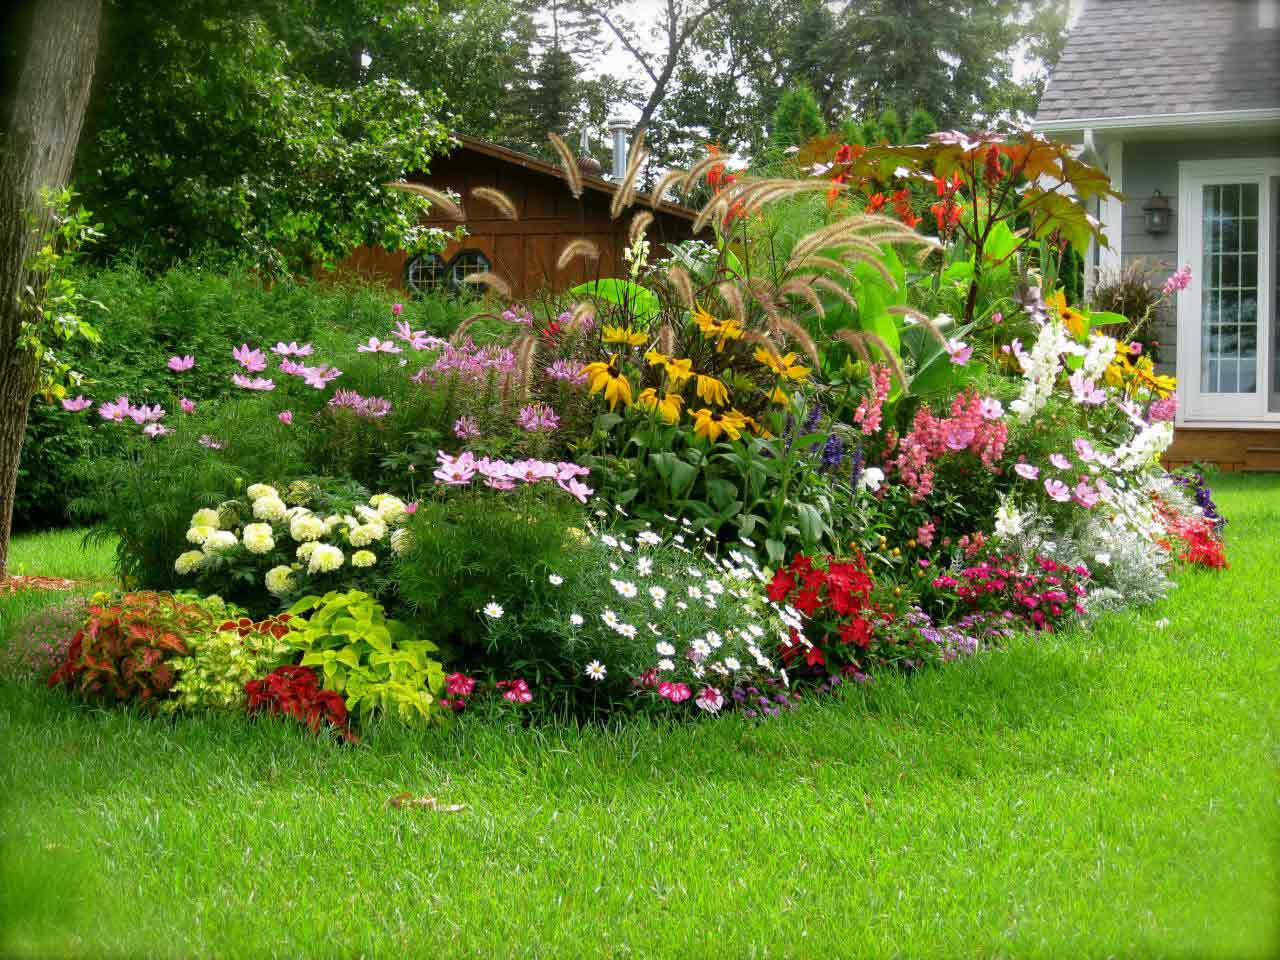 Tổng hợp hình ảnh cây cảnh đẹp nhất - Cây trồng trong nhà